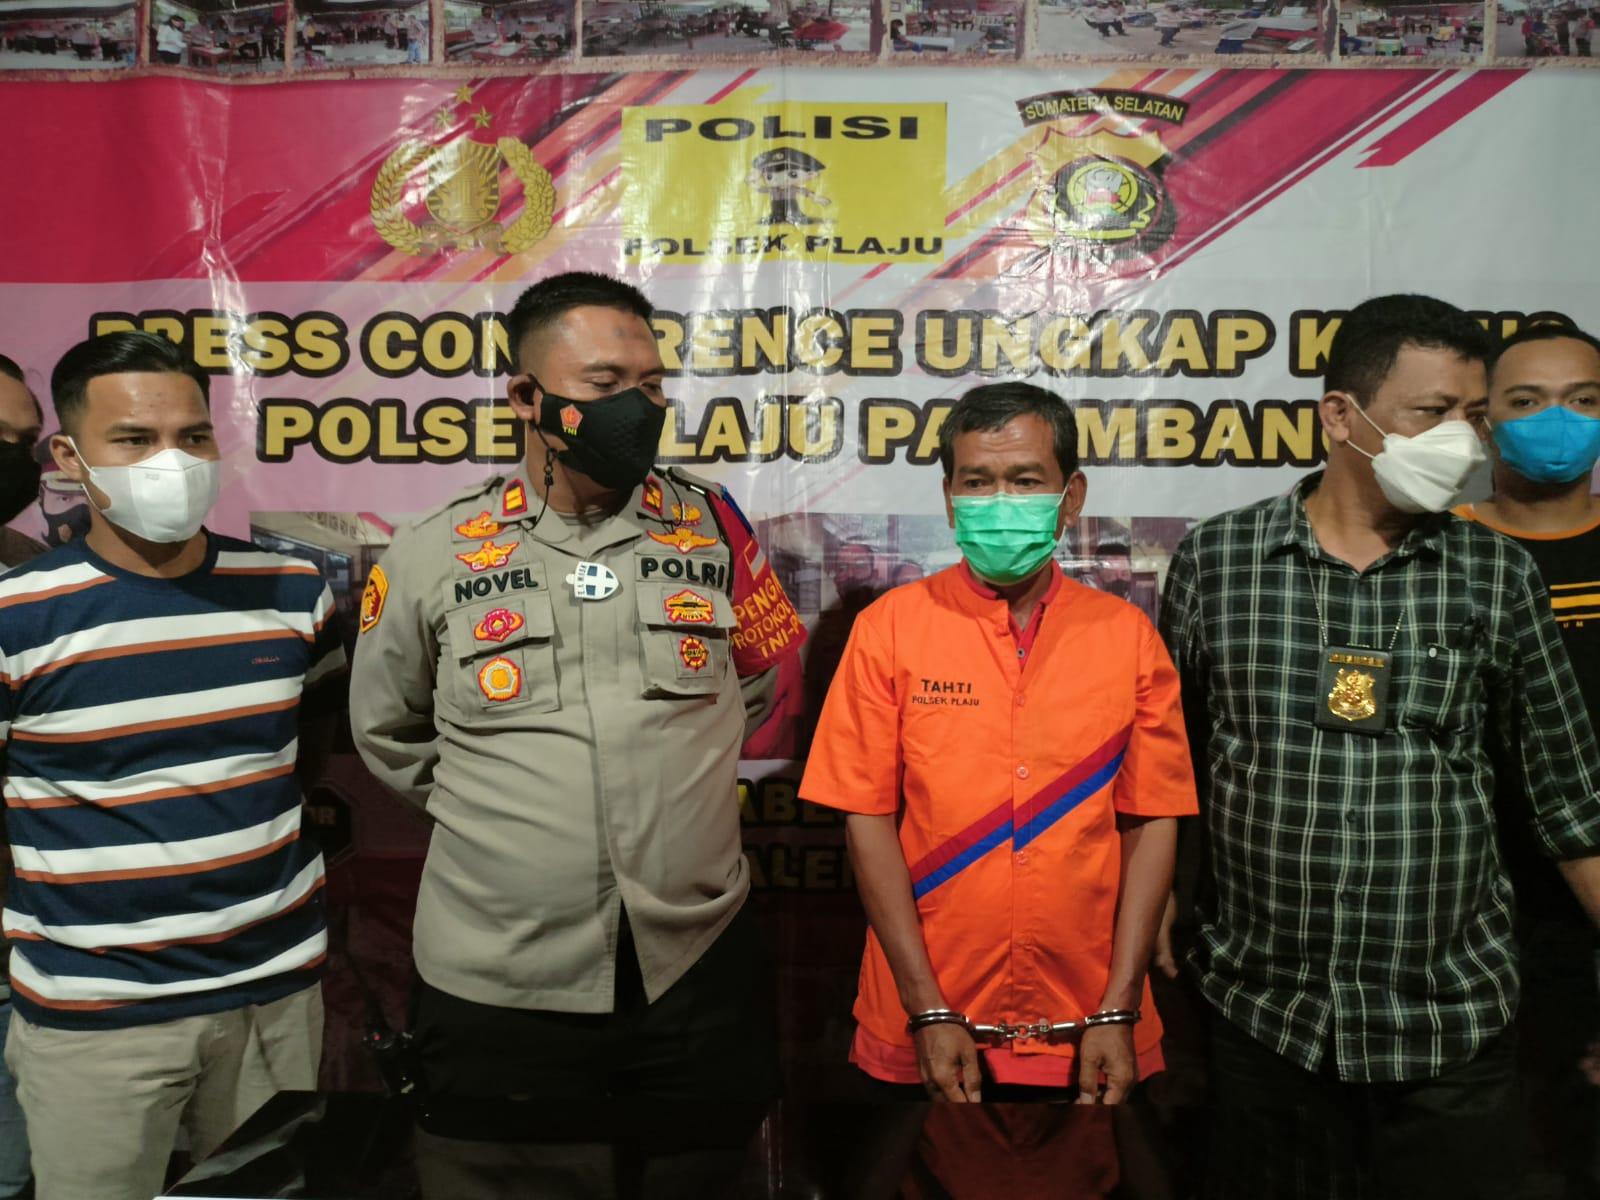 Kurang dari 24 jam, Kepolisian Sektor Plaju berhasil meringkus Fauzan [50] pelaku pembunuhan terhadap M Nur Badarudin bin Puasa [58] di lorong Pipa II RT 27 RW Kelurahan Plaju Darat, Kecamatan Plaju, Palembang,